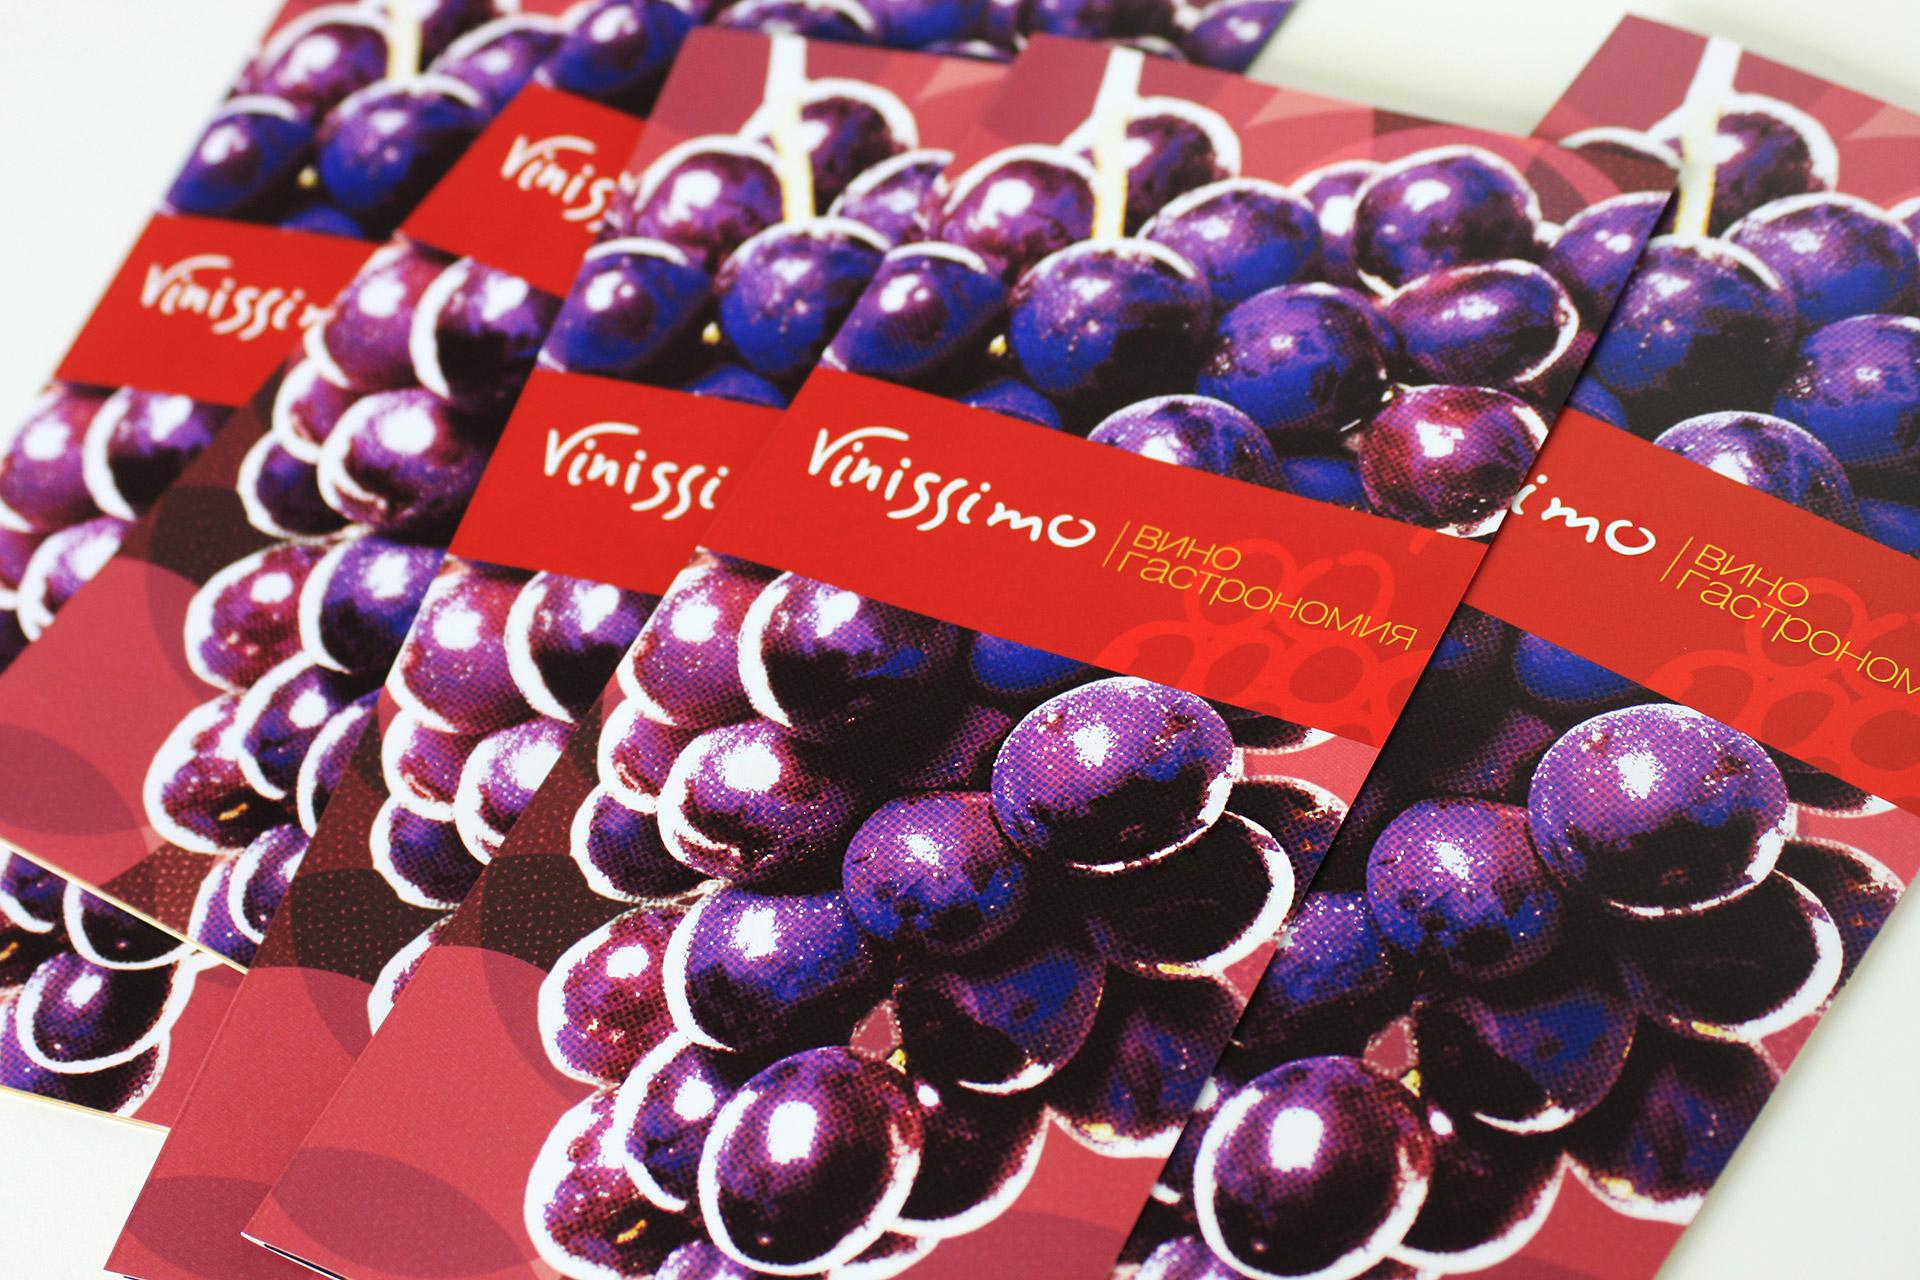 Асгард Брендинг, фирменный стиль, lизайн фирменных буклетов, лого, винный бутик, дизайн, графический дизайн, брендинг